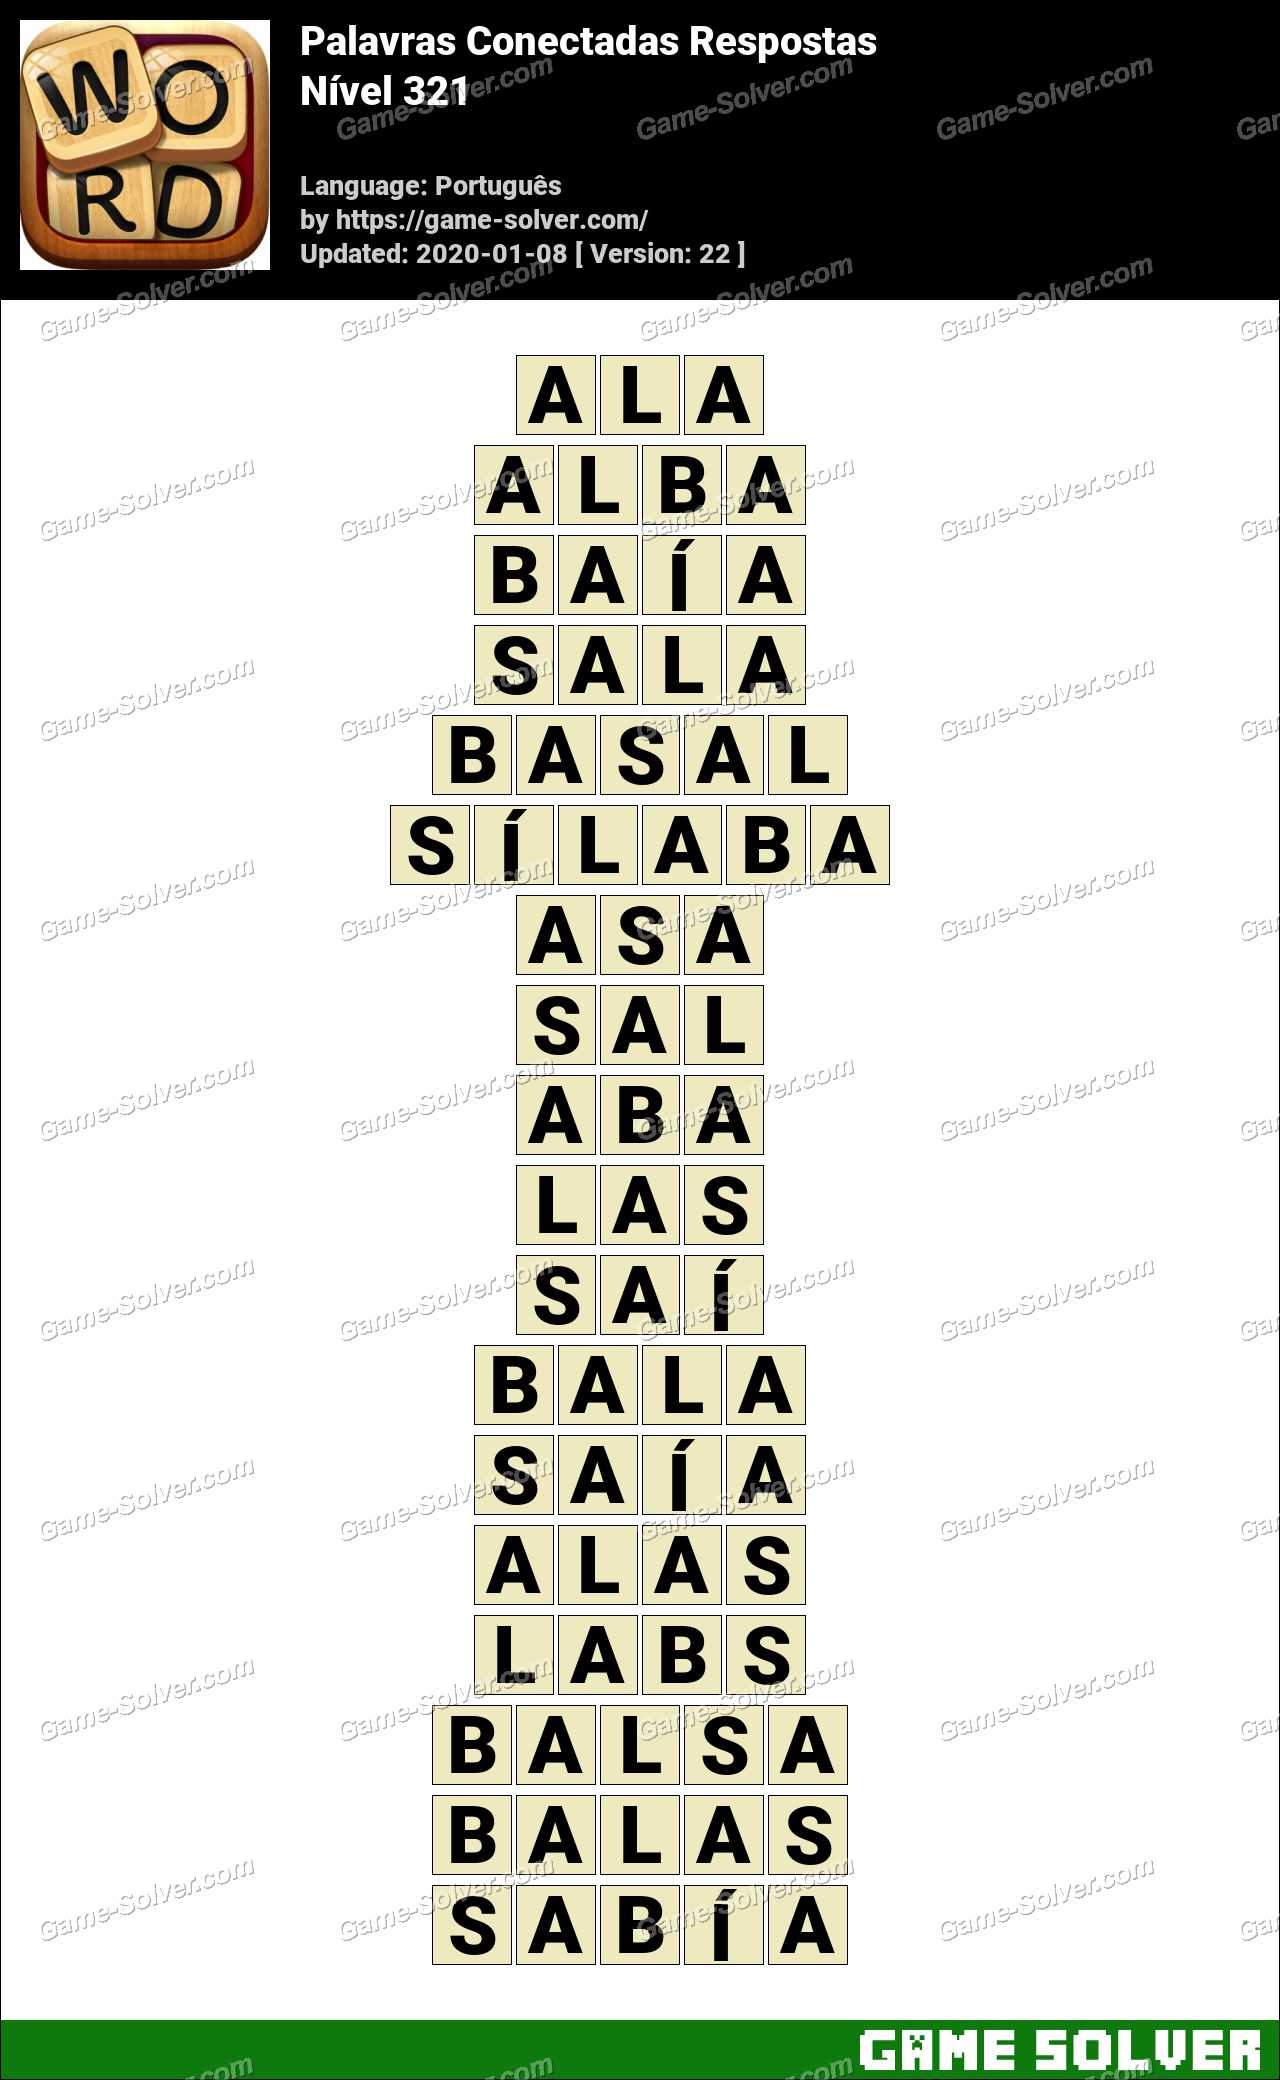 Palavras Conectadas Nivel 321 Respostas